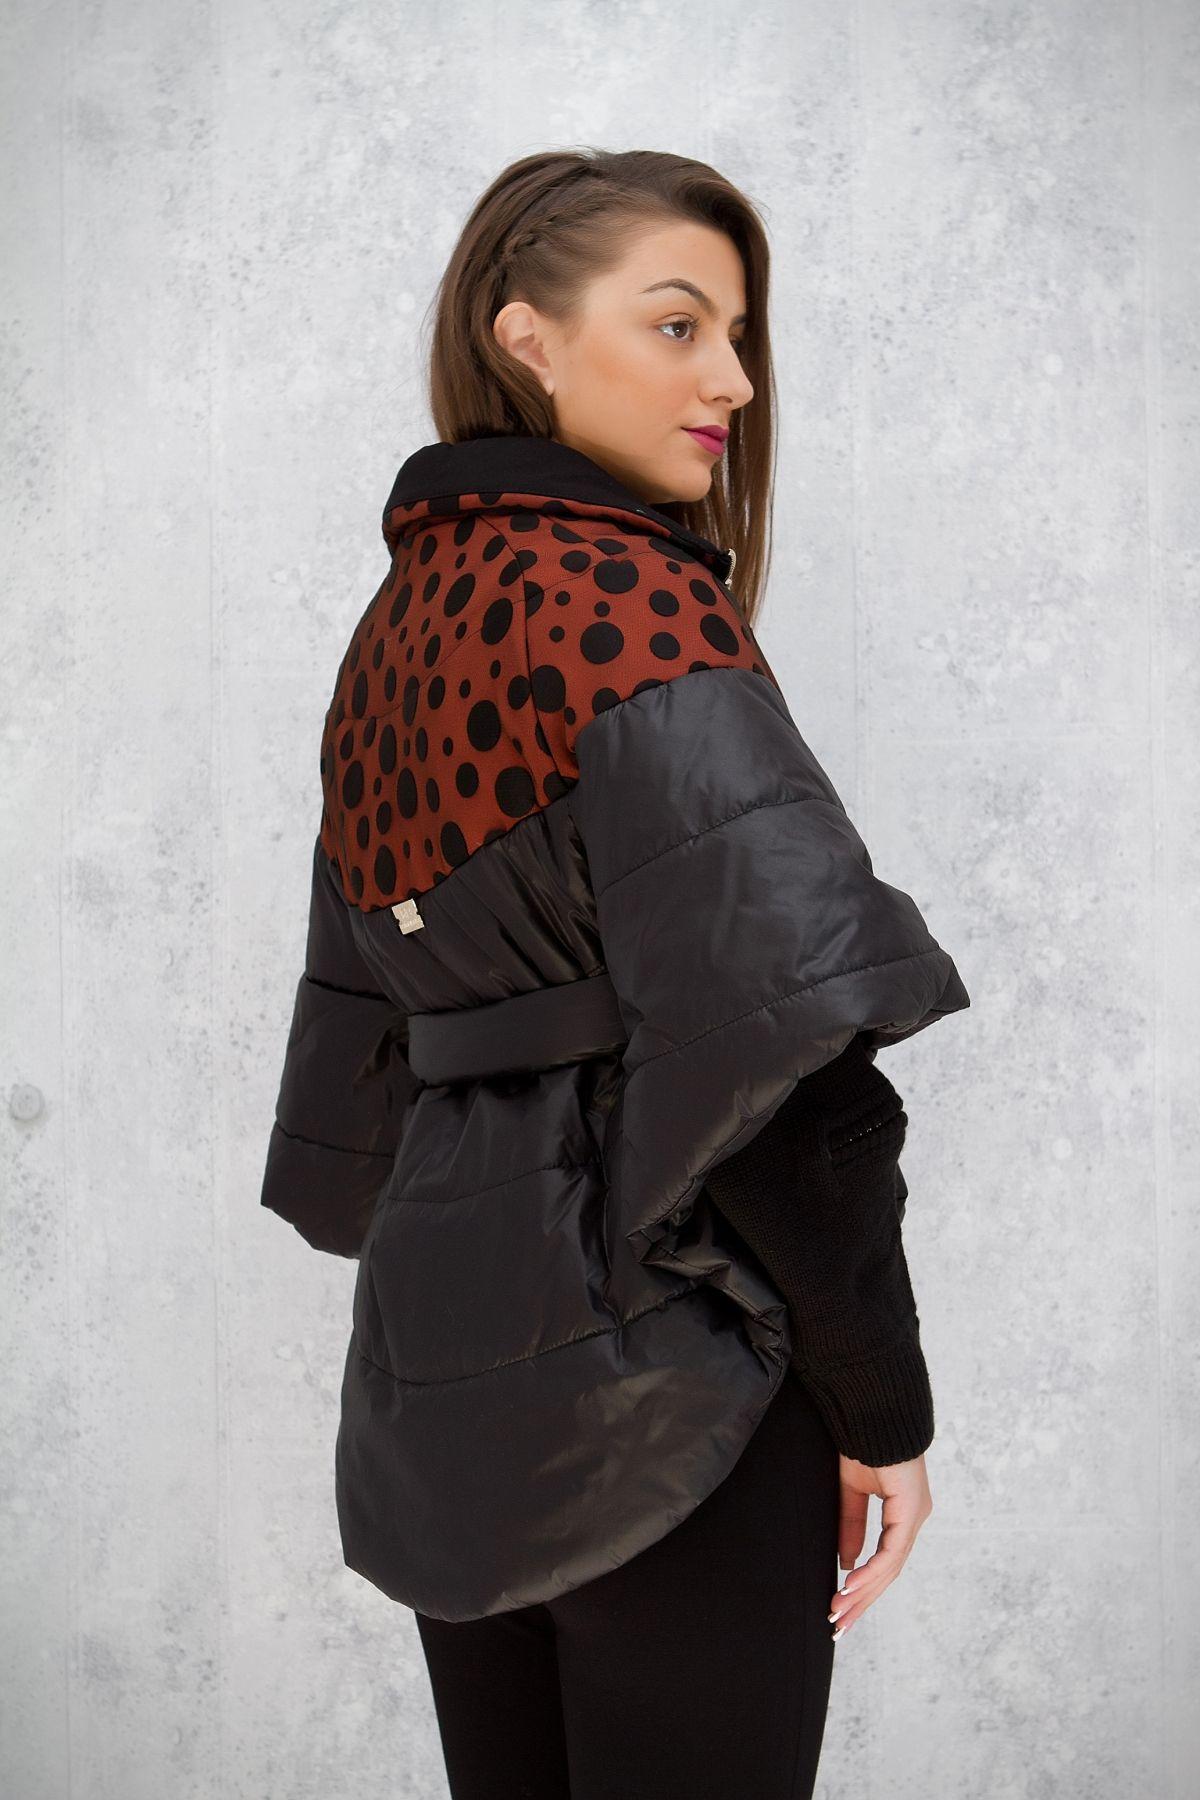 ΜΠΟΥΦΑΝ ΧΩΡΙΣ ΜΑΝΙΚΙΑ - Real Lady - Shop Online bc9d1e32bf5